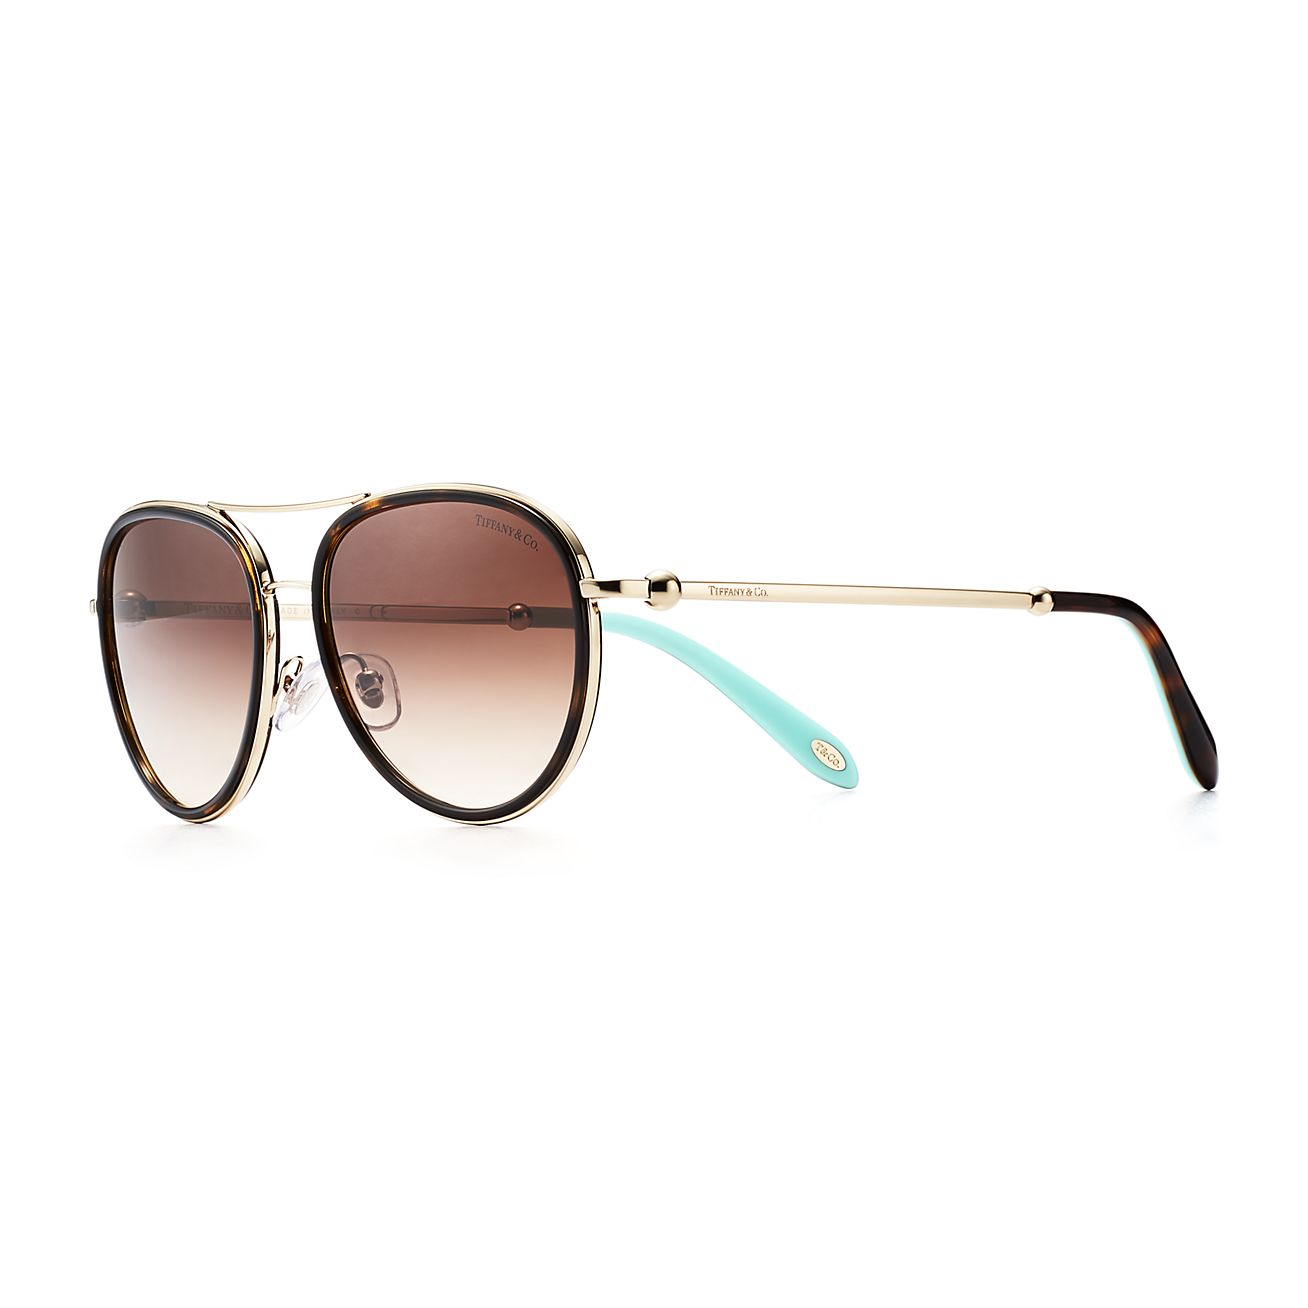 Gafas de sol de aviador Tiffany City HardWear en acetato carey ...